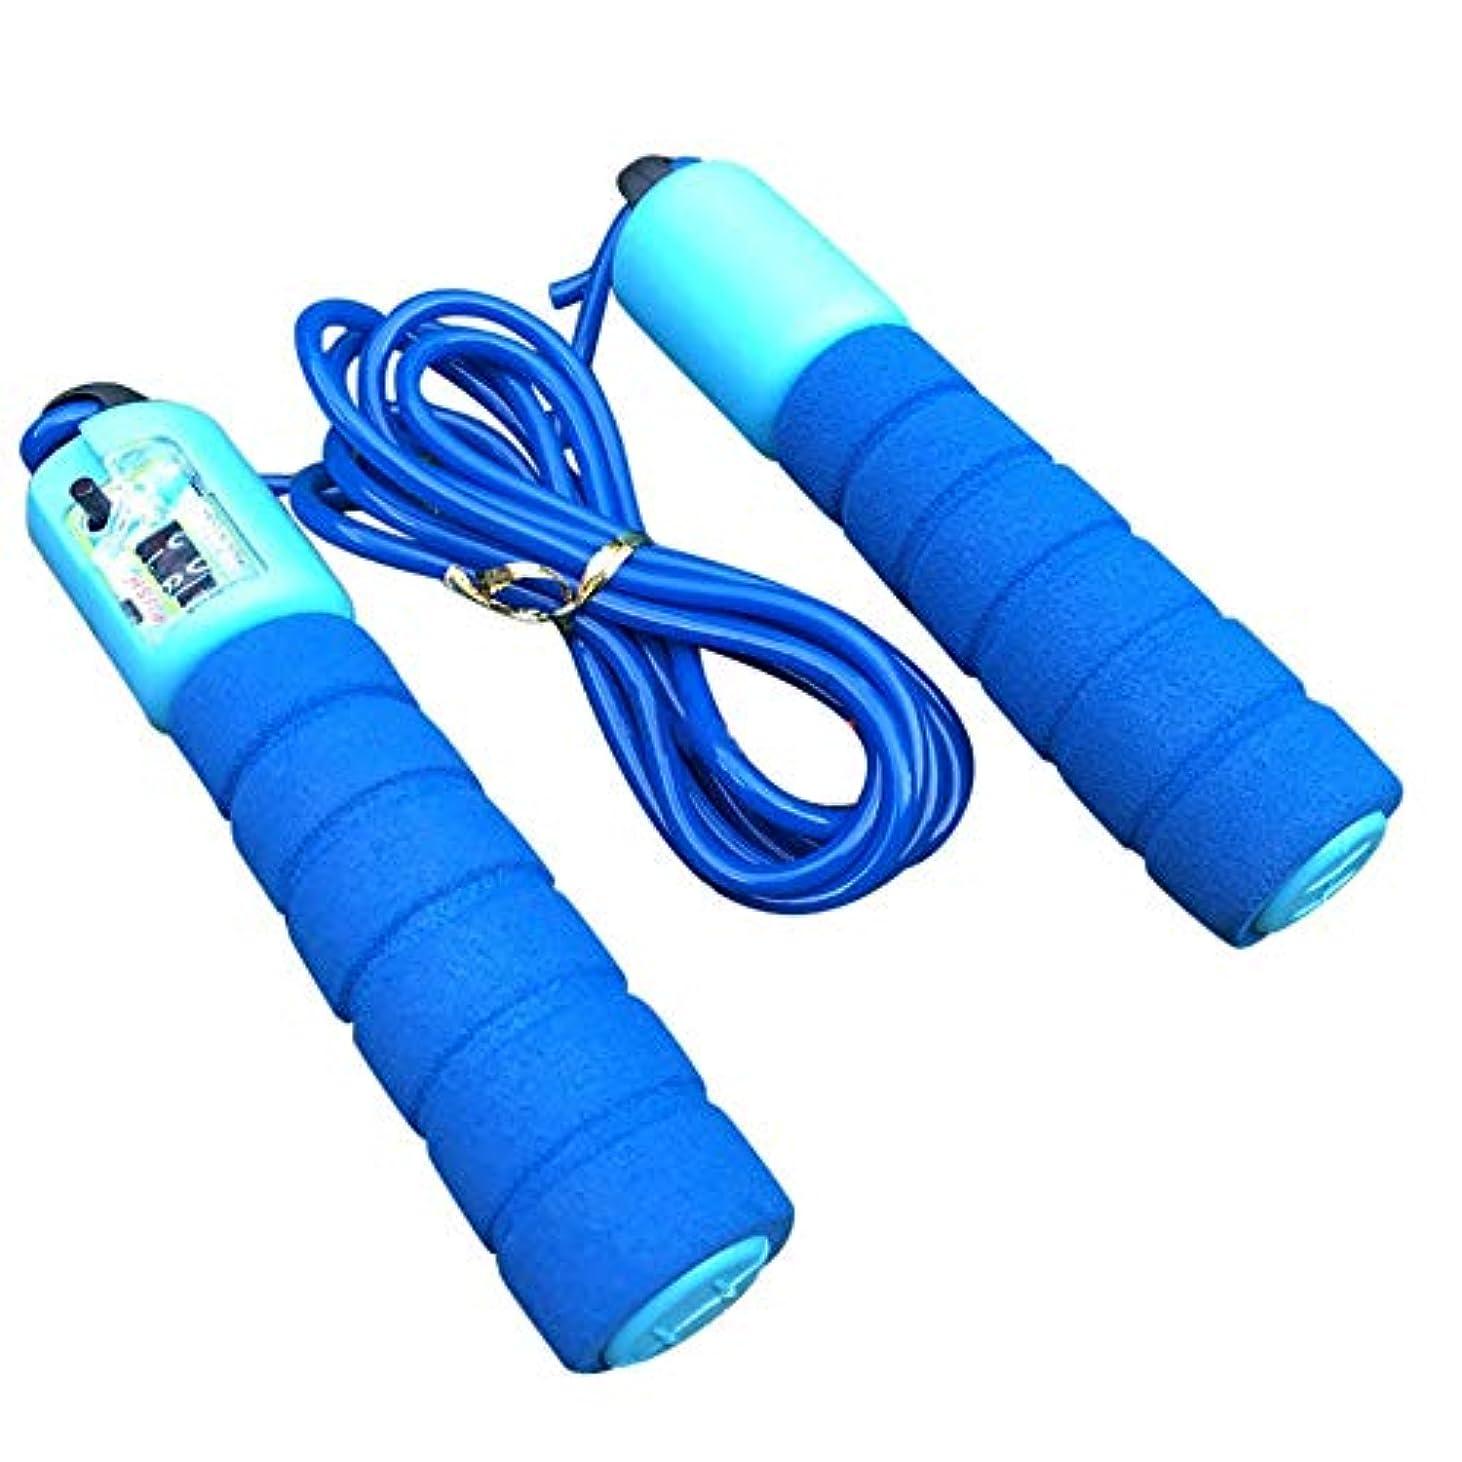 端申し立てられた提供する調整可能なプロフェッショナルカウント縄跳び自動カウントジャンプロープフィットネス運動高速カウントジャンプロープ - 青